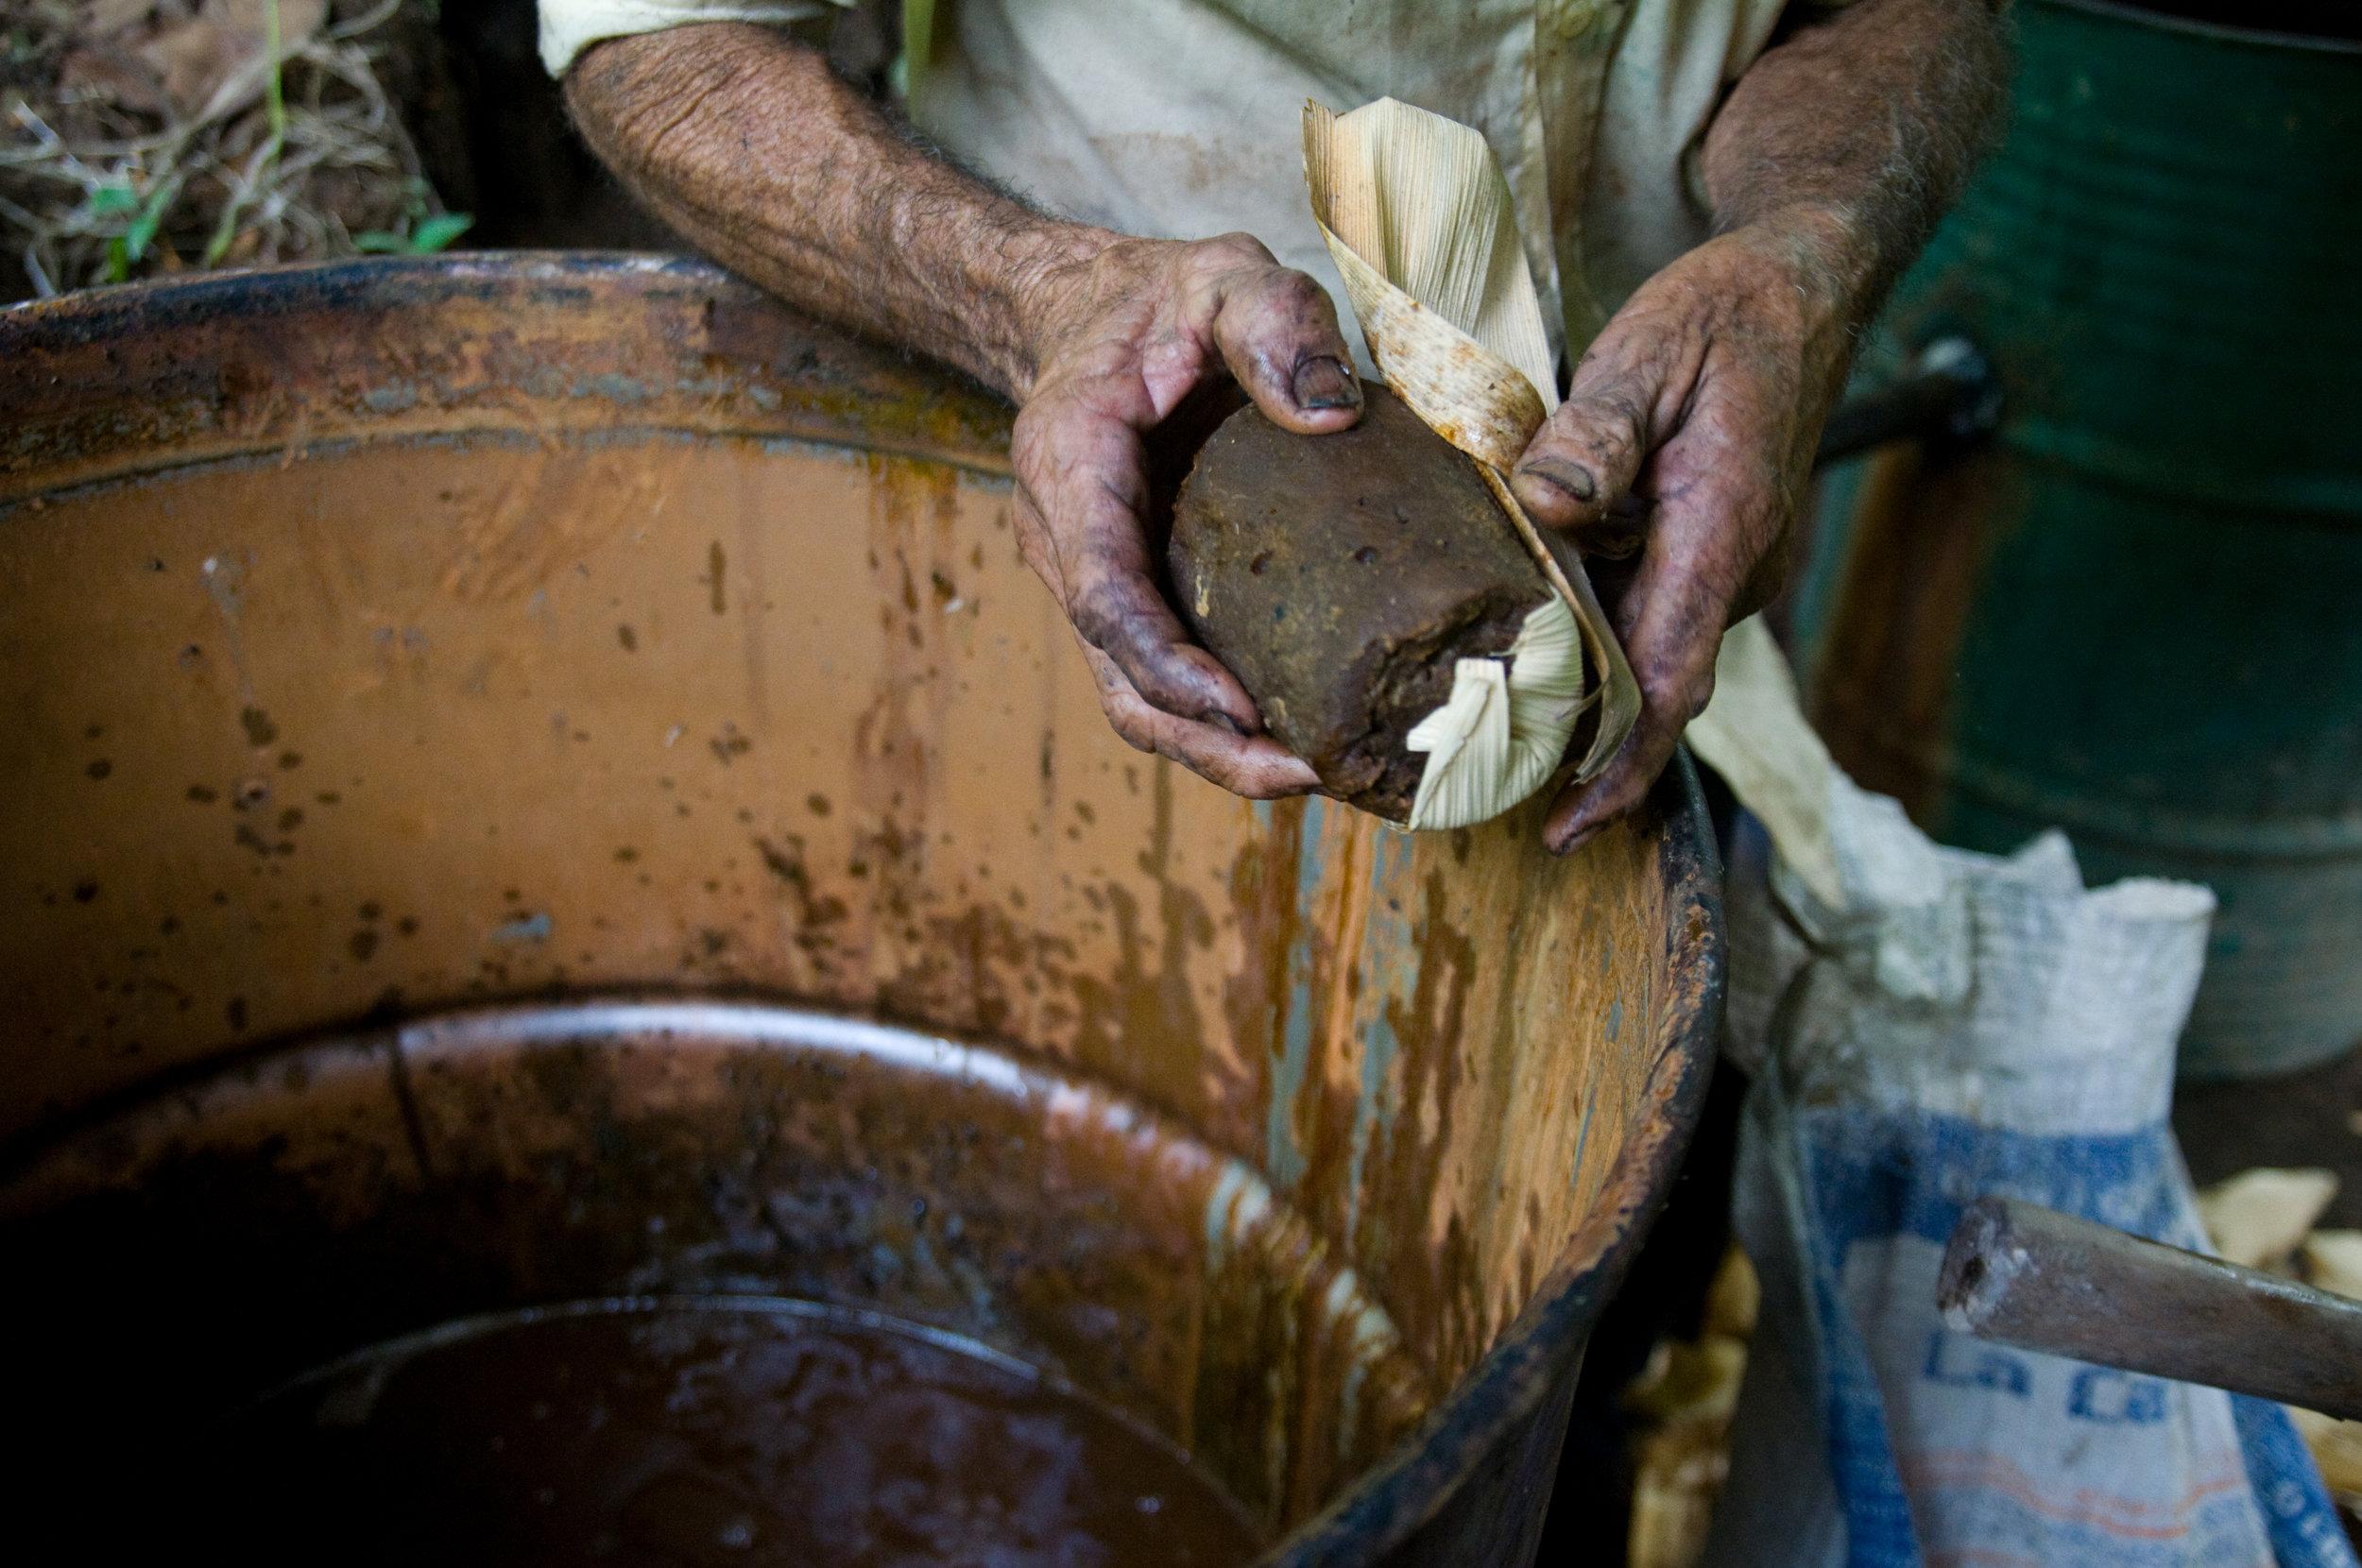 Proceso artesanal de elaboración del Chaparro, Guazapa, El Salvador.